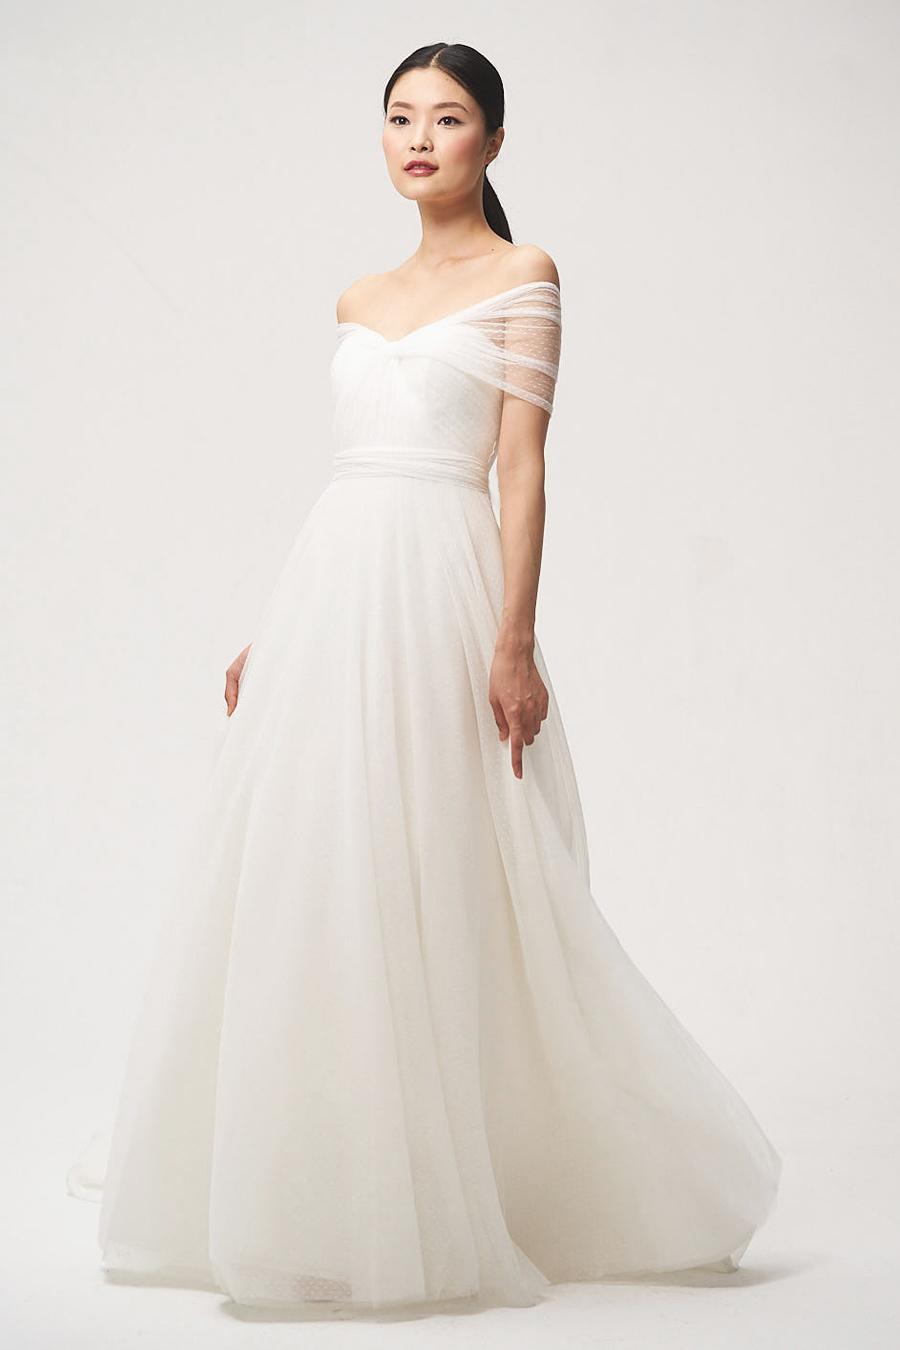 jenny by jenny yoo fall 2018 off shoulder a-line wedding dress